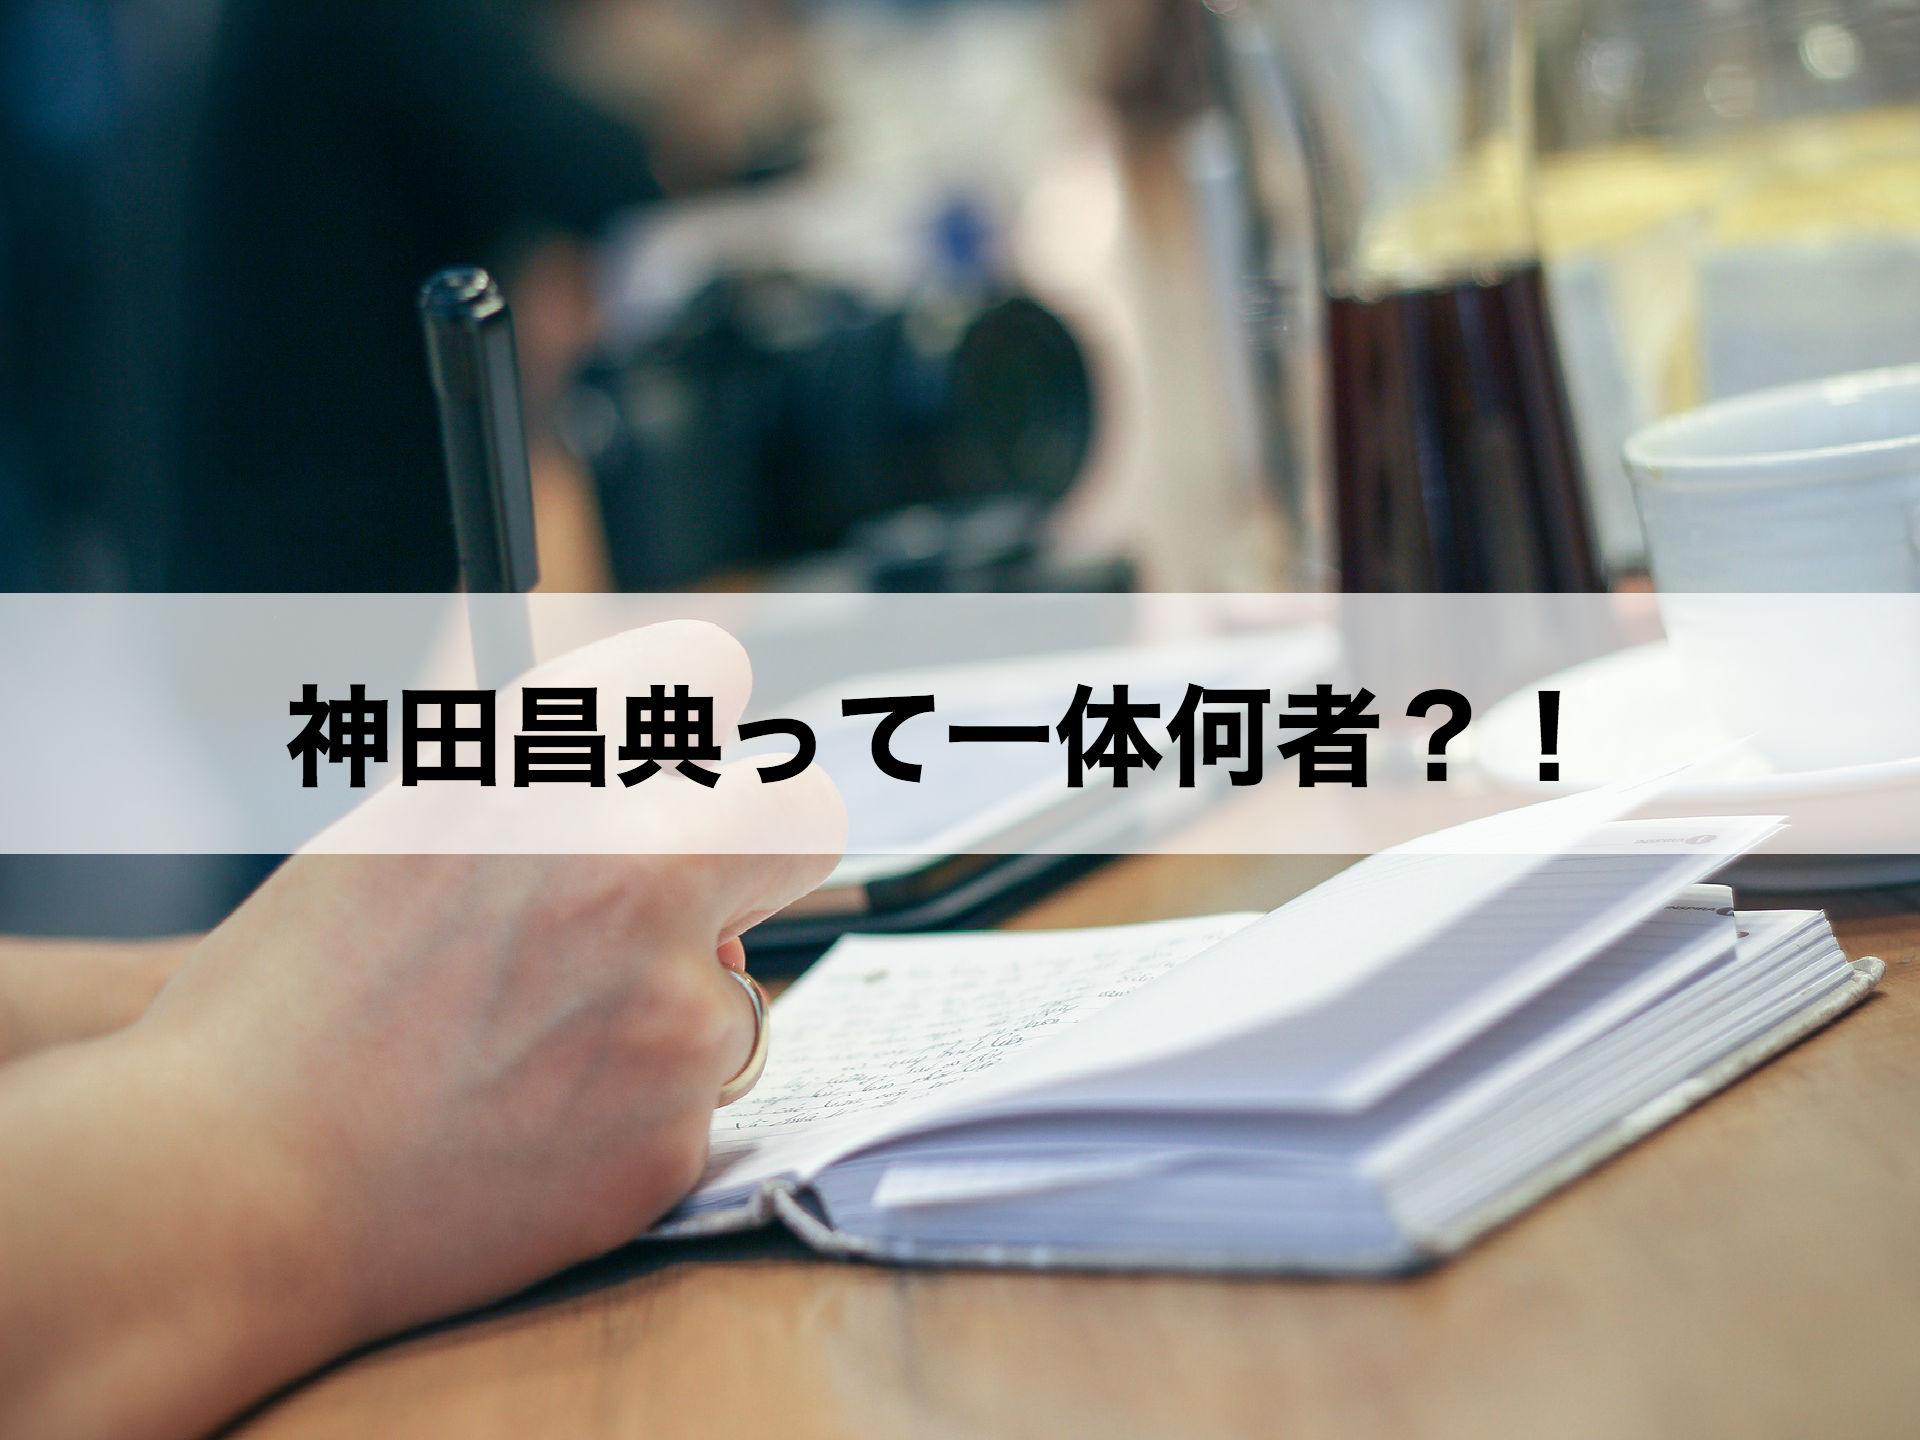 コピーライティング界のレジェンド、神田昌典ってどんな人?